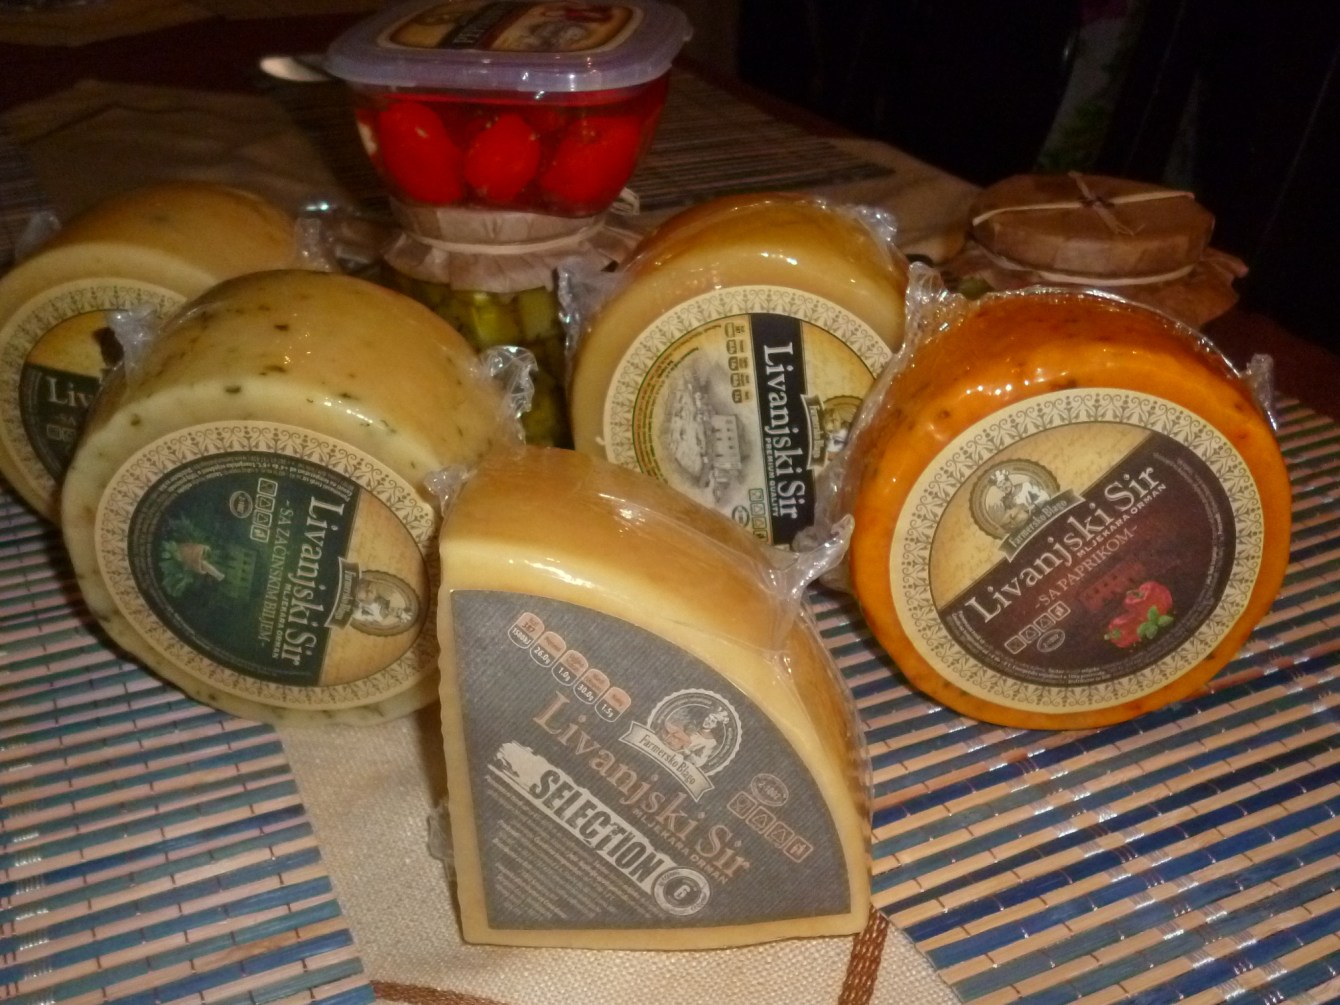 Selection самый вкусный из ливаньских сыров. Фото: Елена Арсениевич, CC BY-SA 3.0